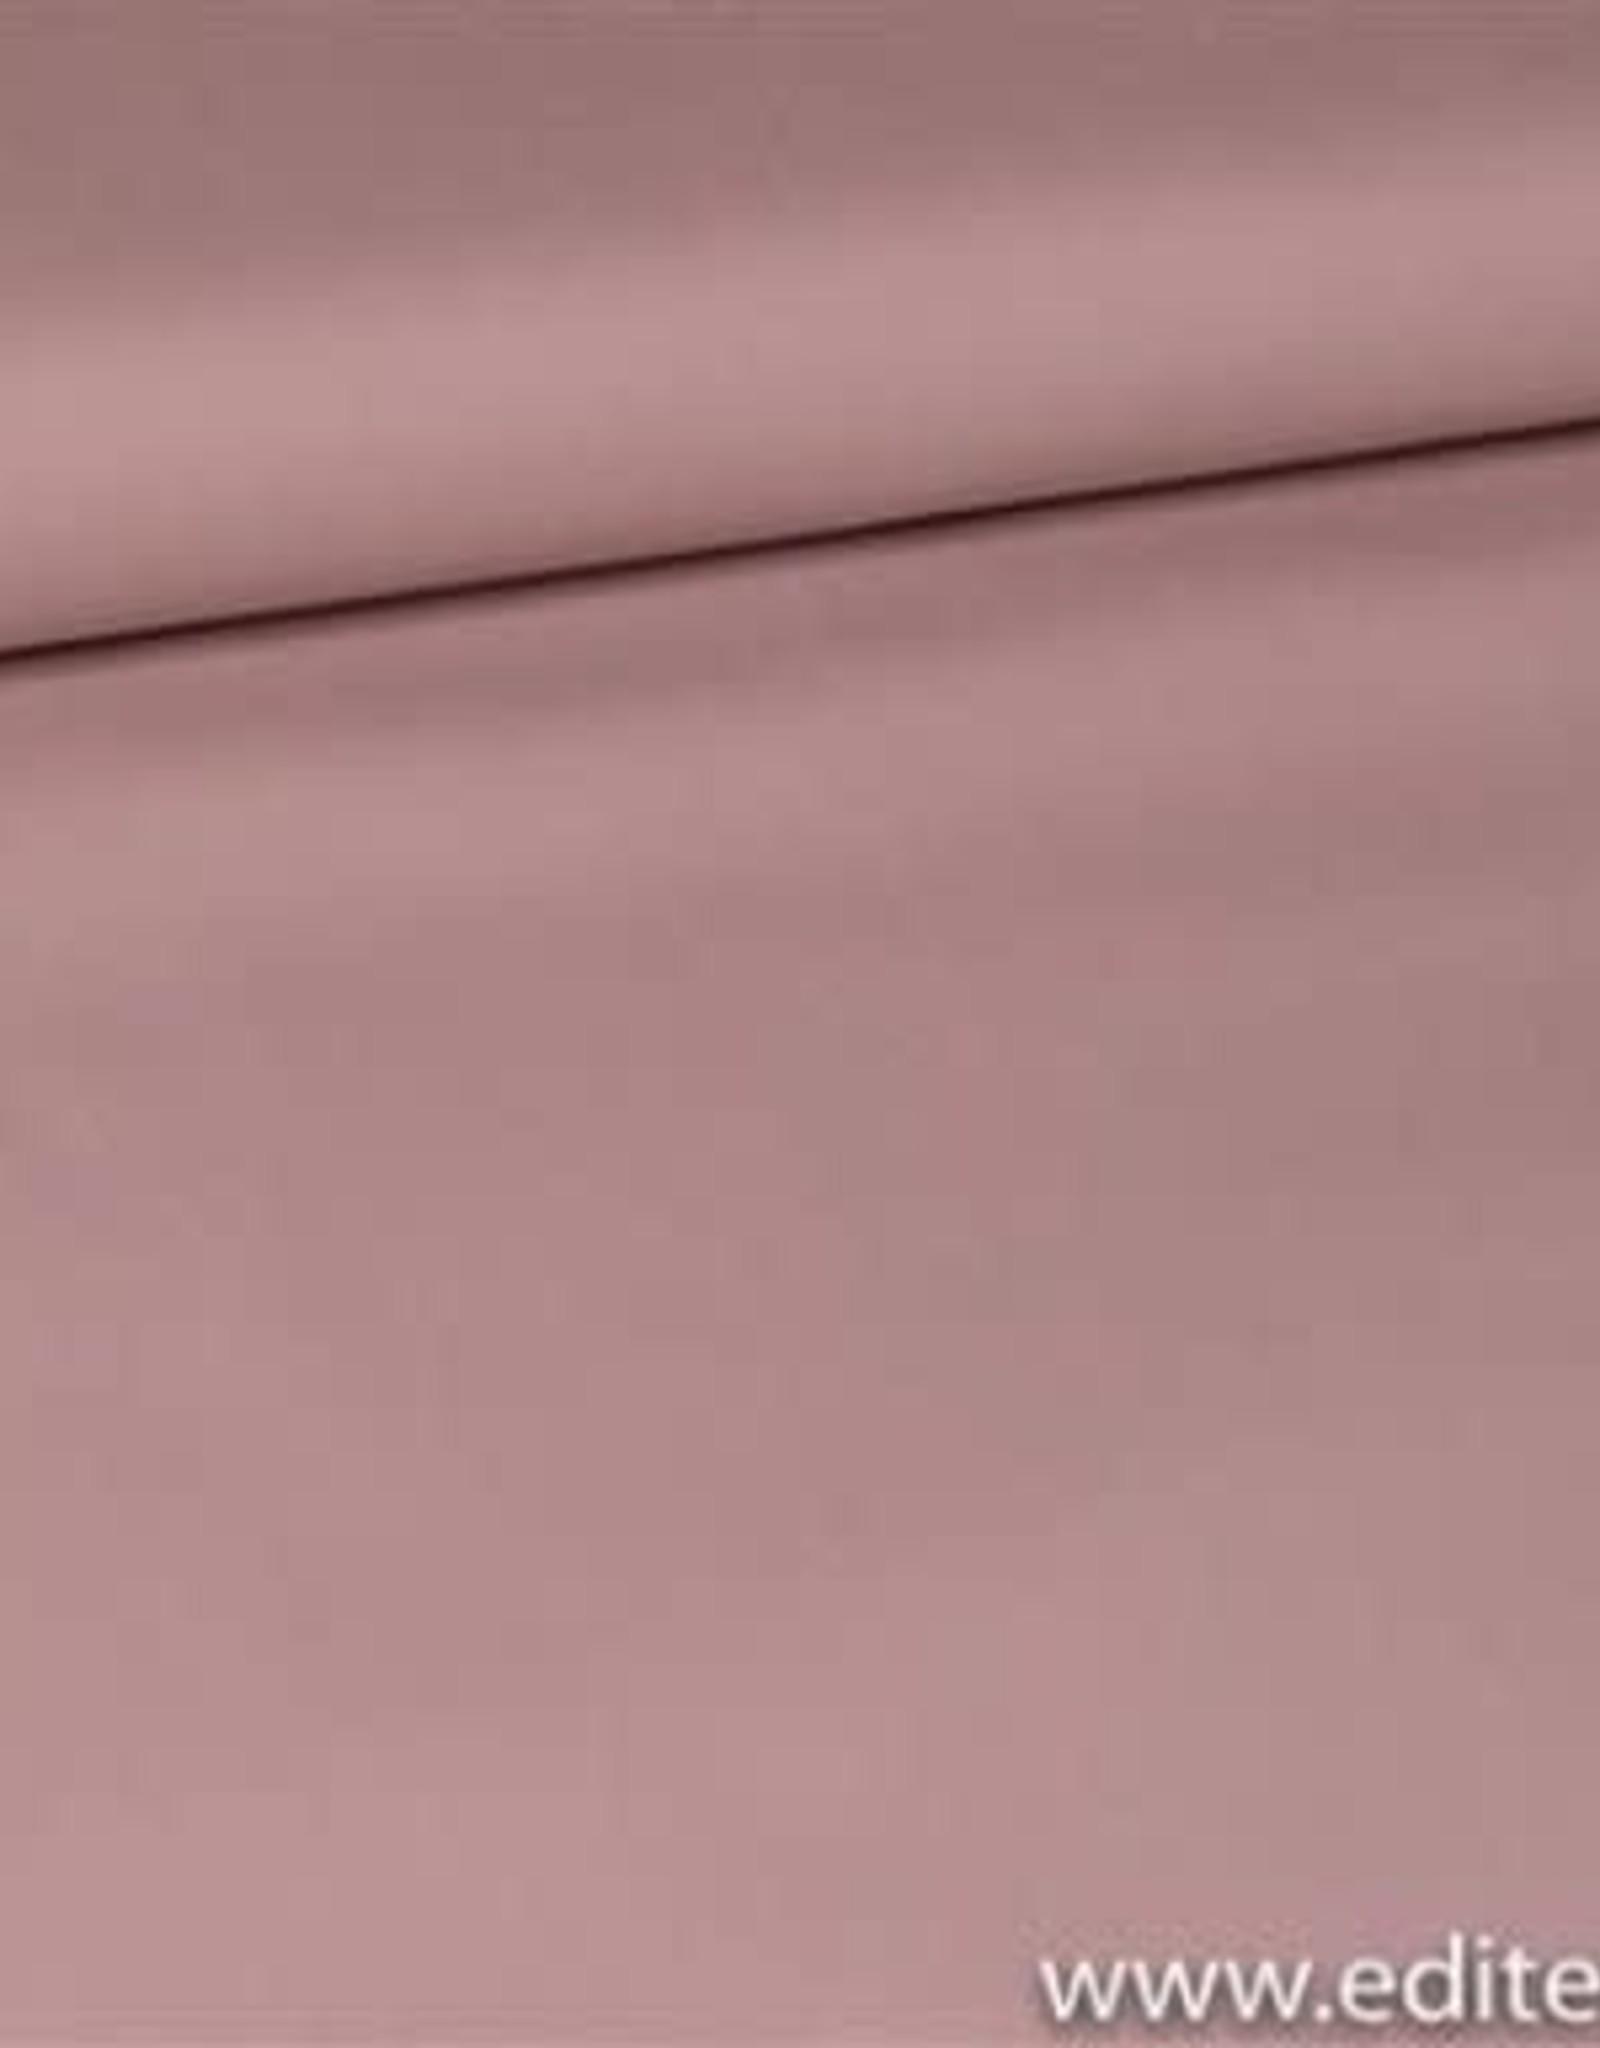 Fibre Mood Fibre Mood donker pastel paars